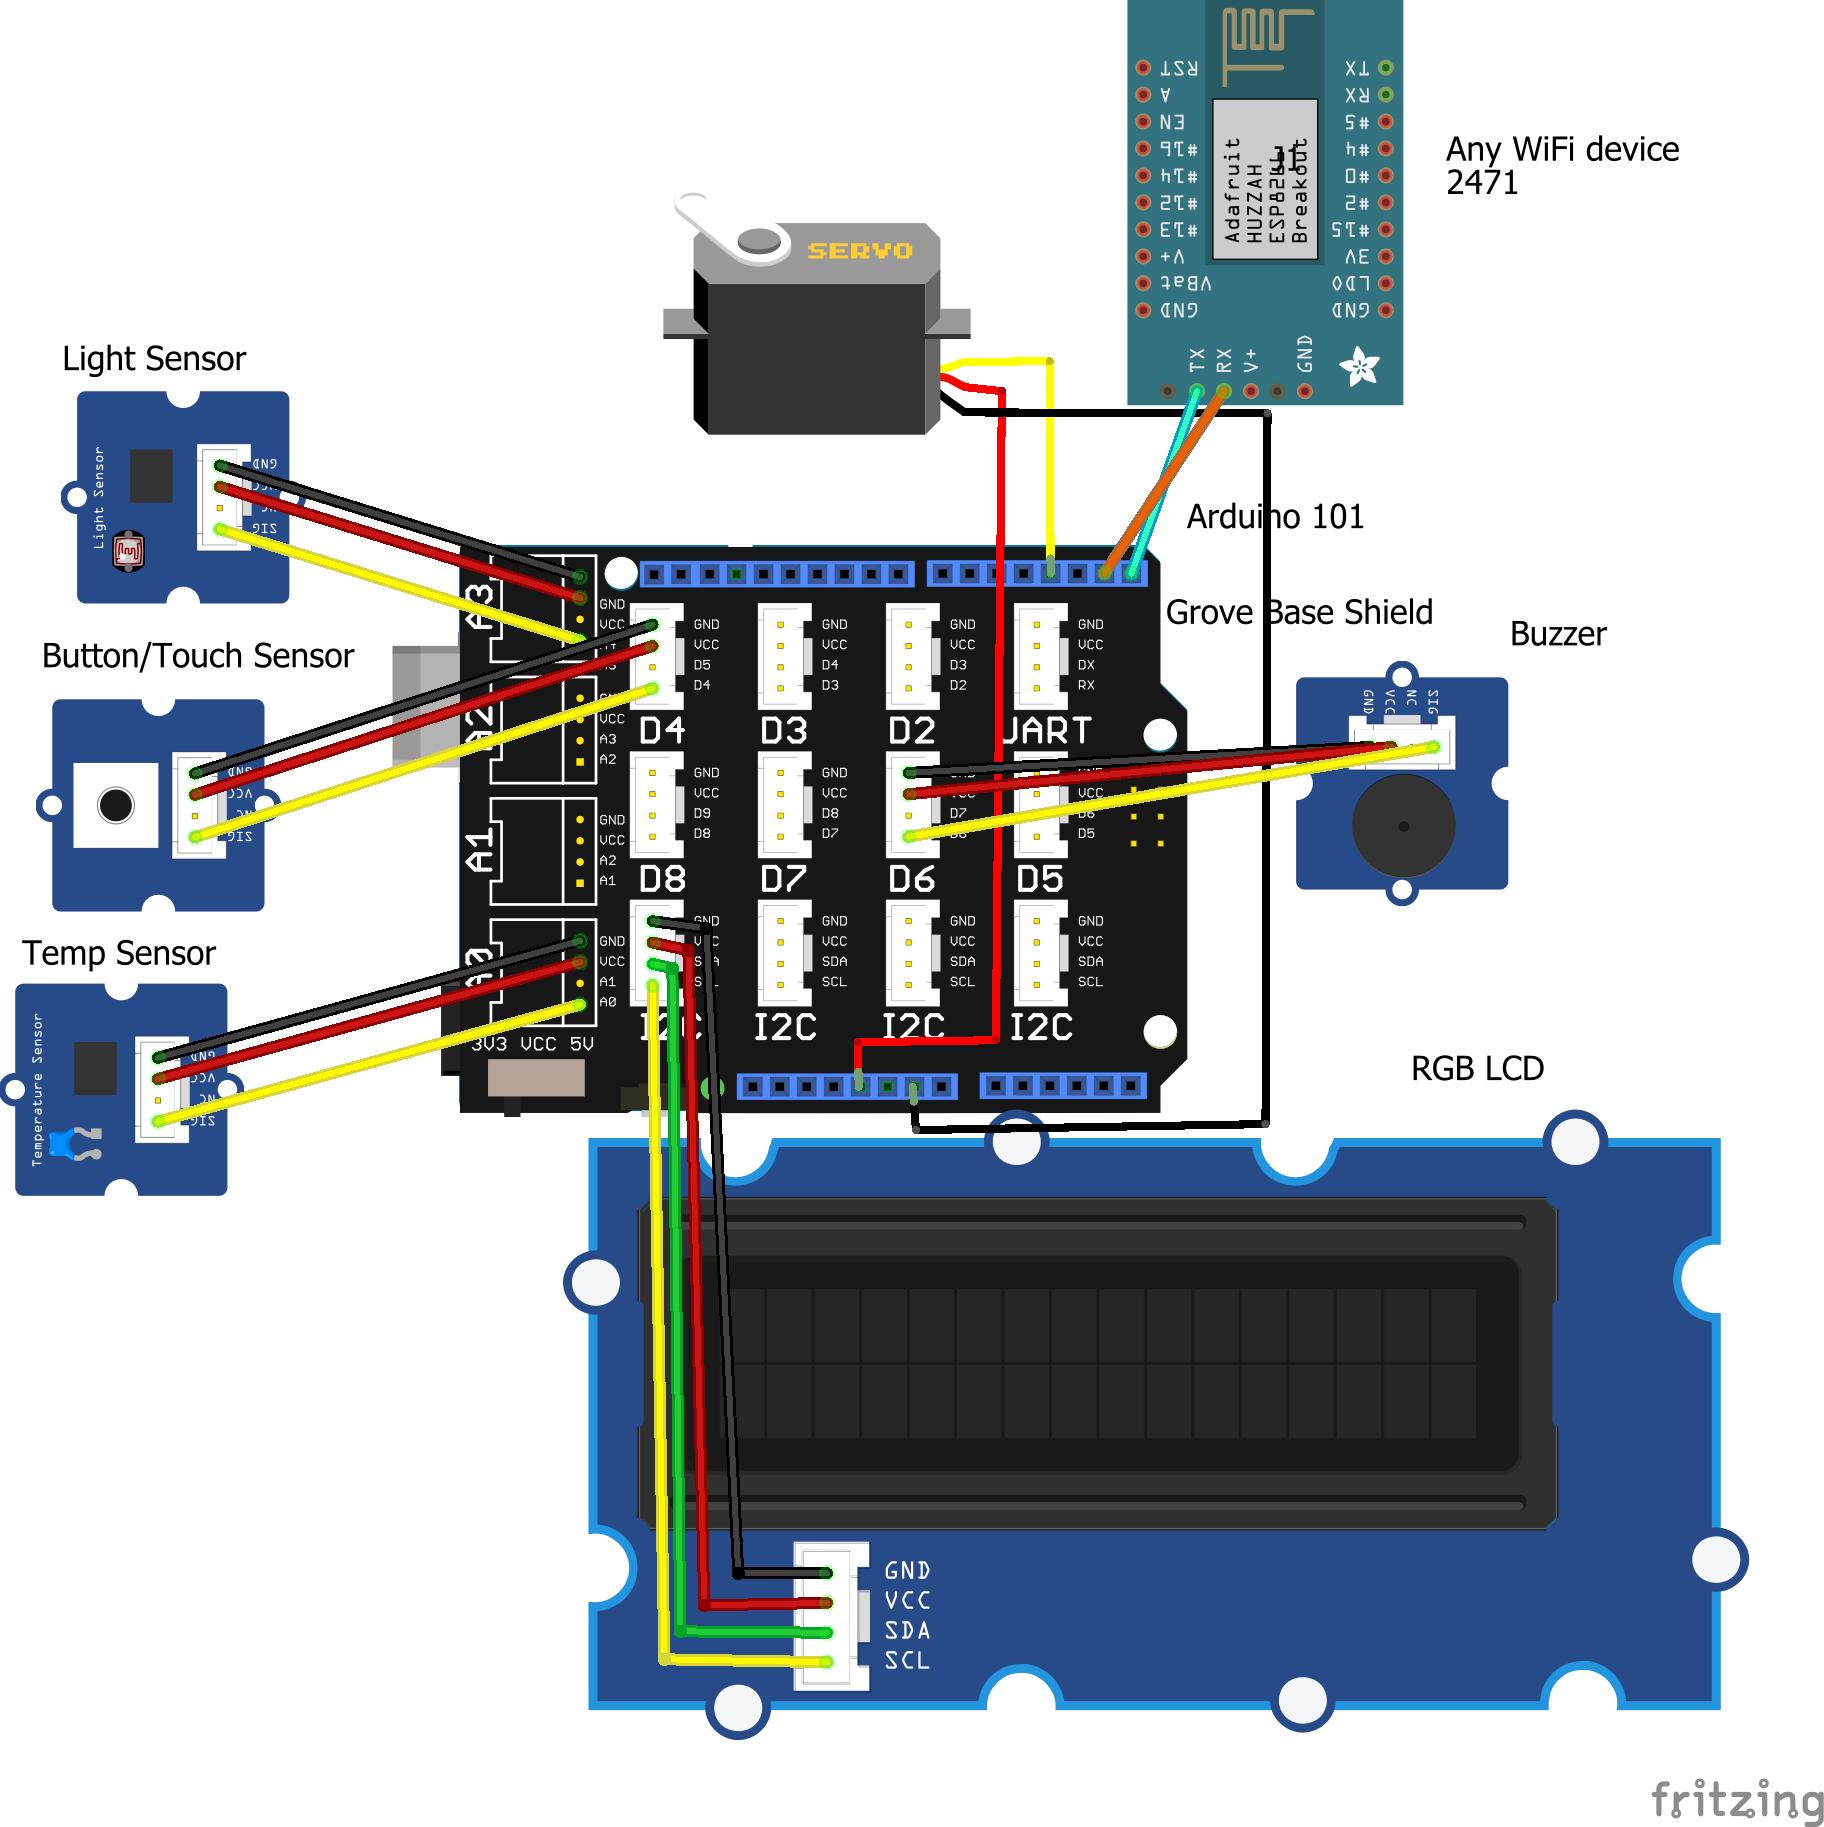 Arduino 101 cg bb azrubryqyj